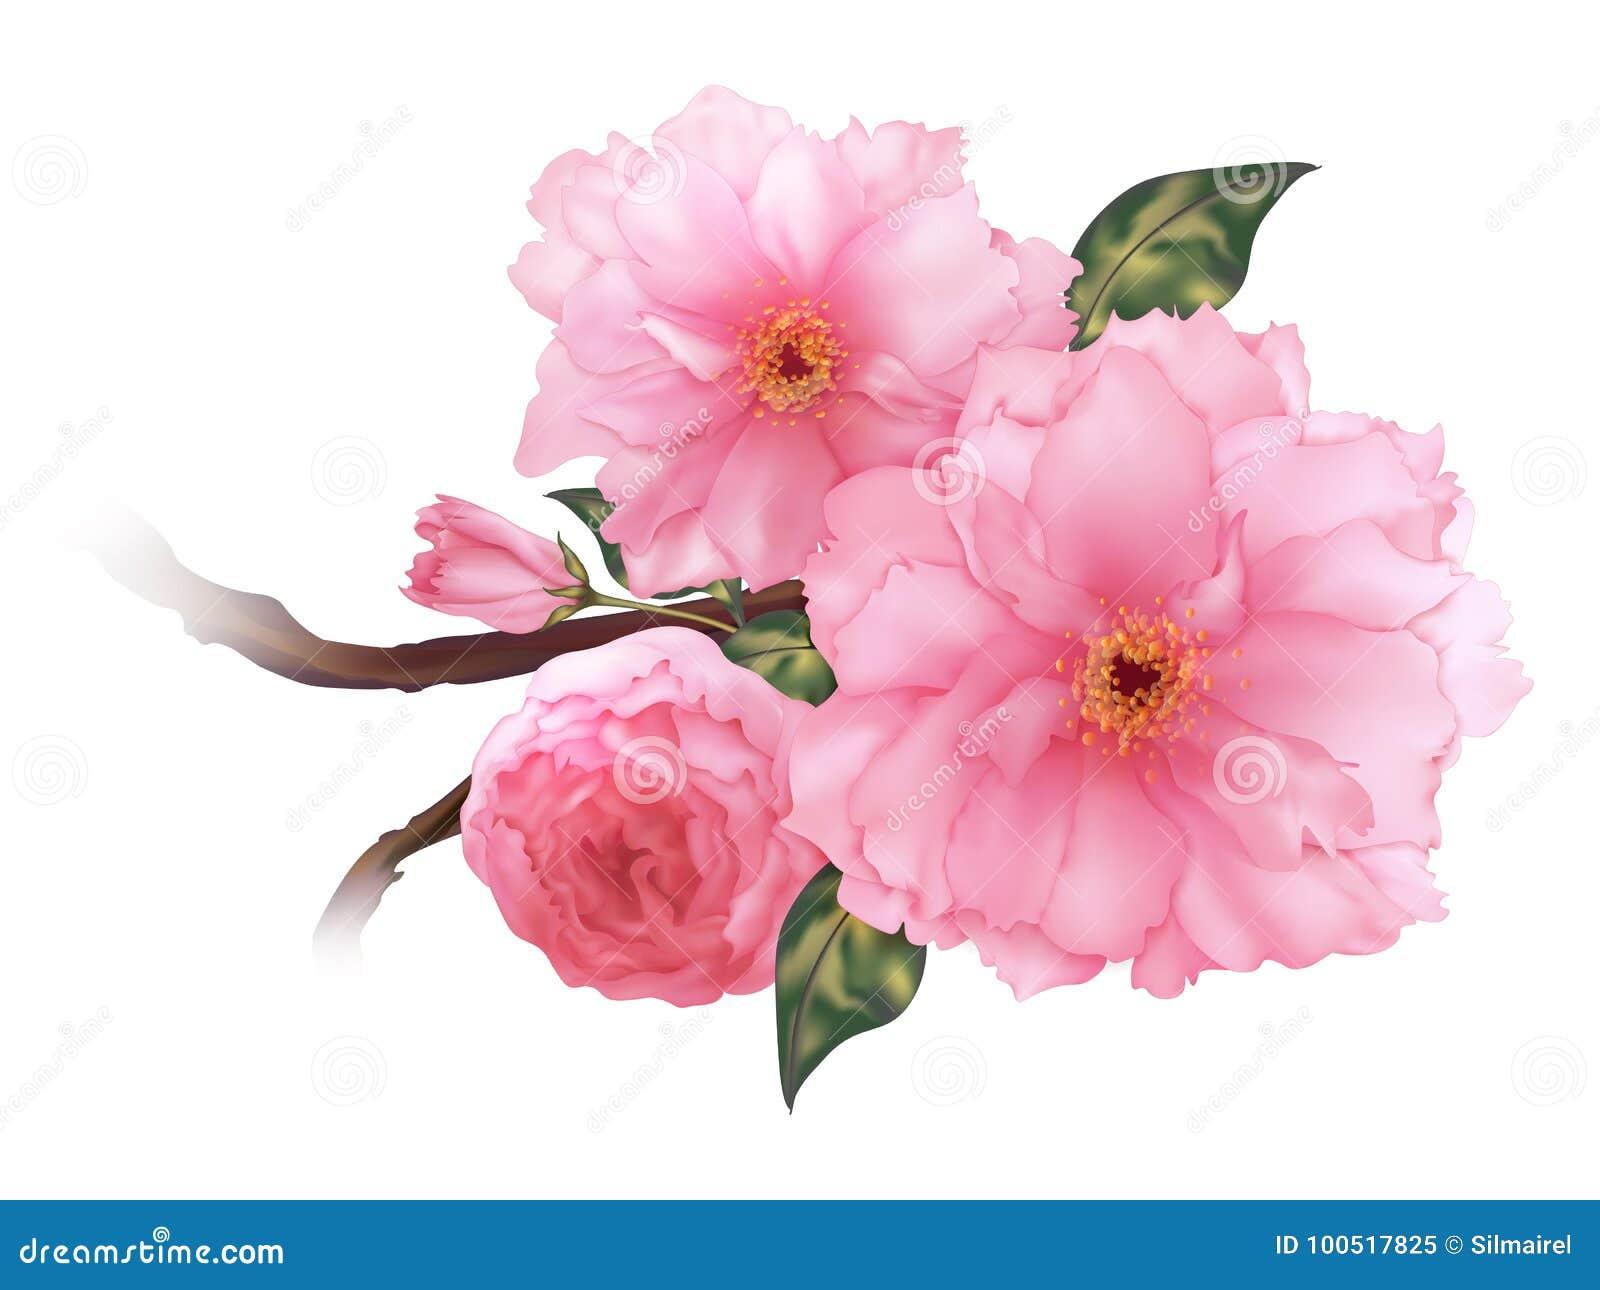 Vector a arte digital do ramo cor-de-rosa realístico da flor de sakura da cereja 3D